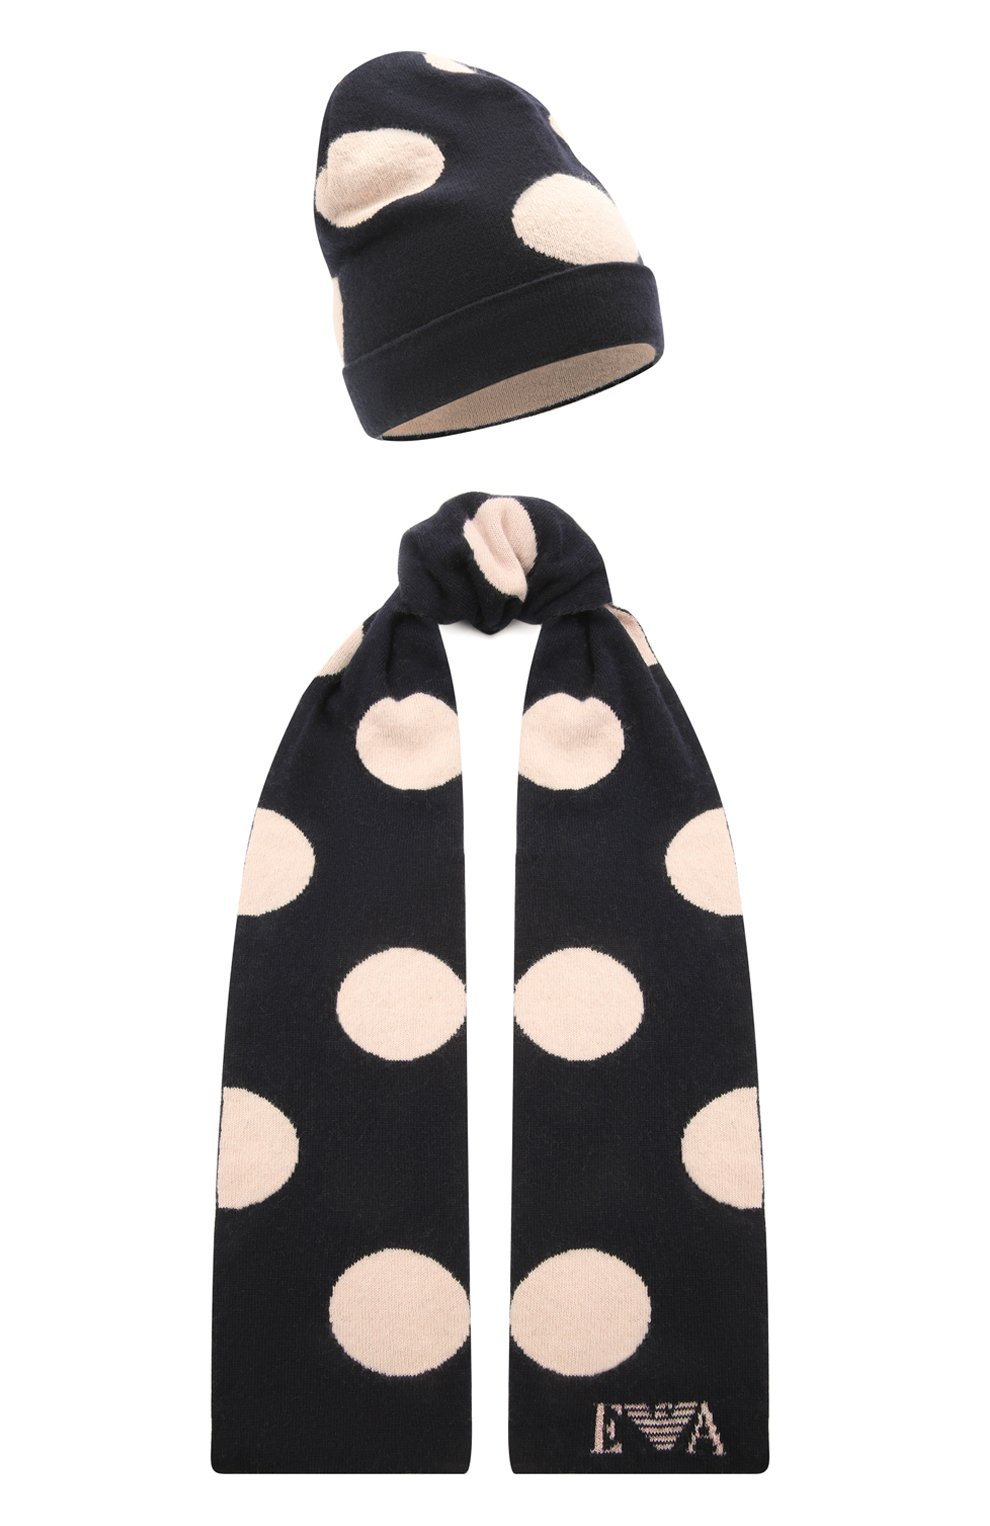 Детский комплект из шарфа и шапки EMPORIO ARMANI темно-синего цвета, арт. 397505/1A760   Фото 1 (Материал: Текстиль, Шерсть, Вискоза, Синтетический материал)